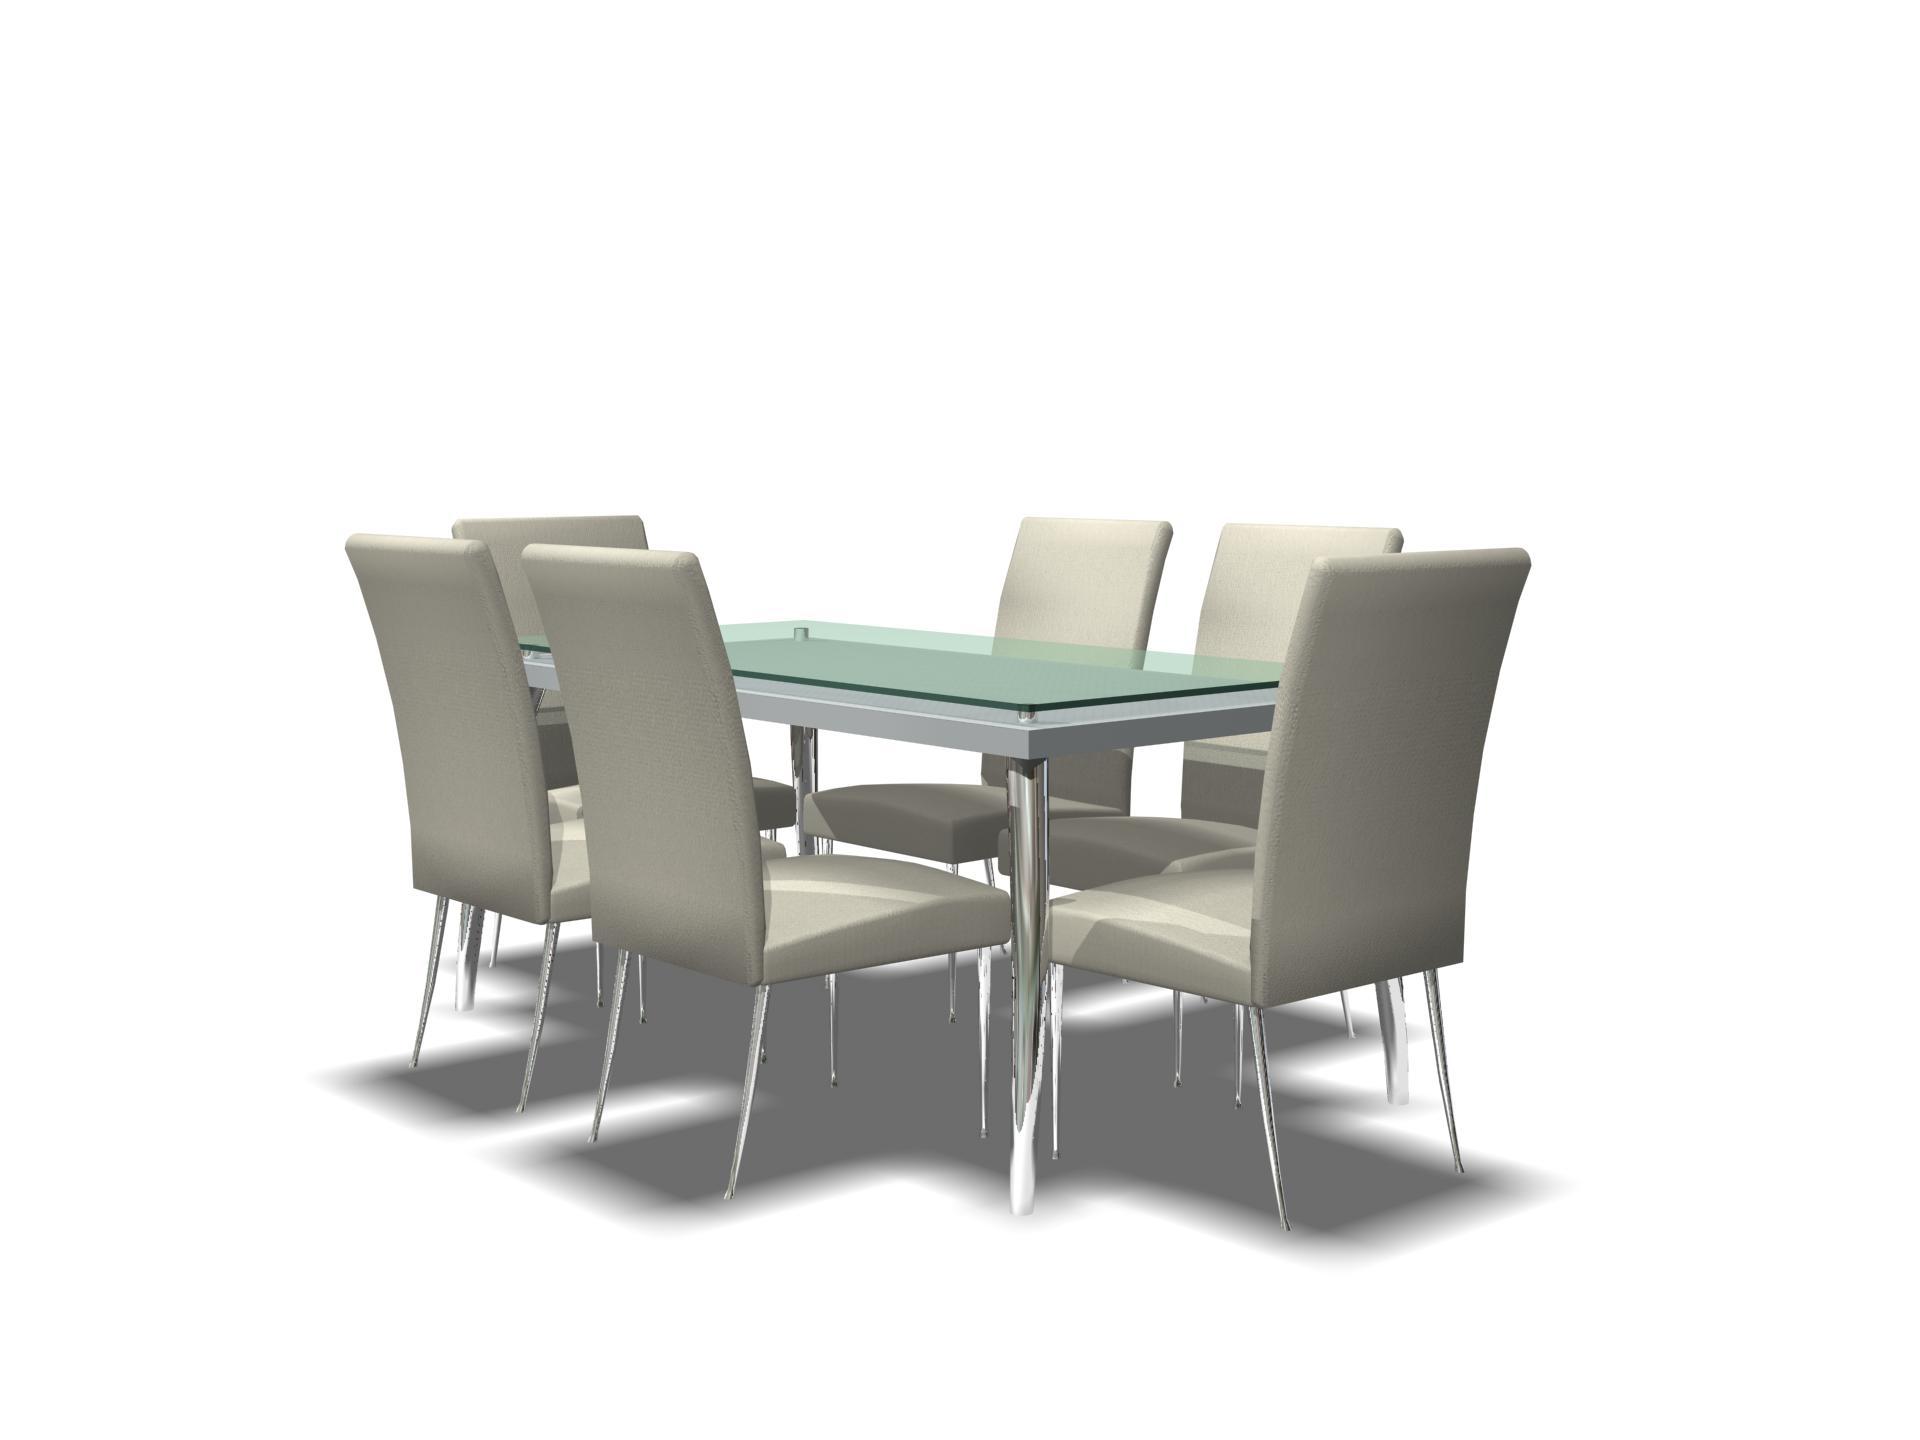 Mobiliario de mesa 009 - 3D Model Download,Free 3D Models Download